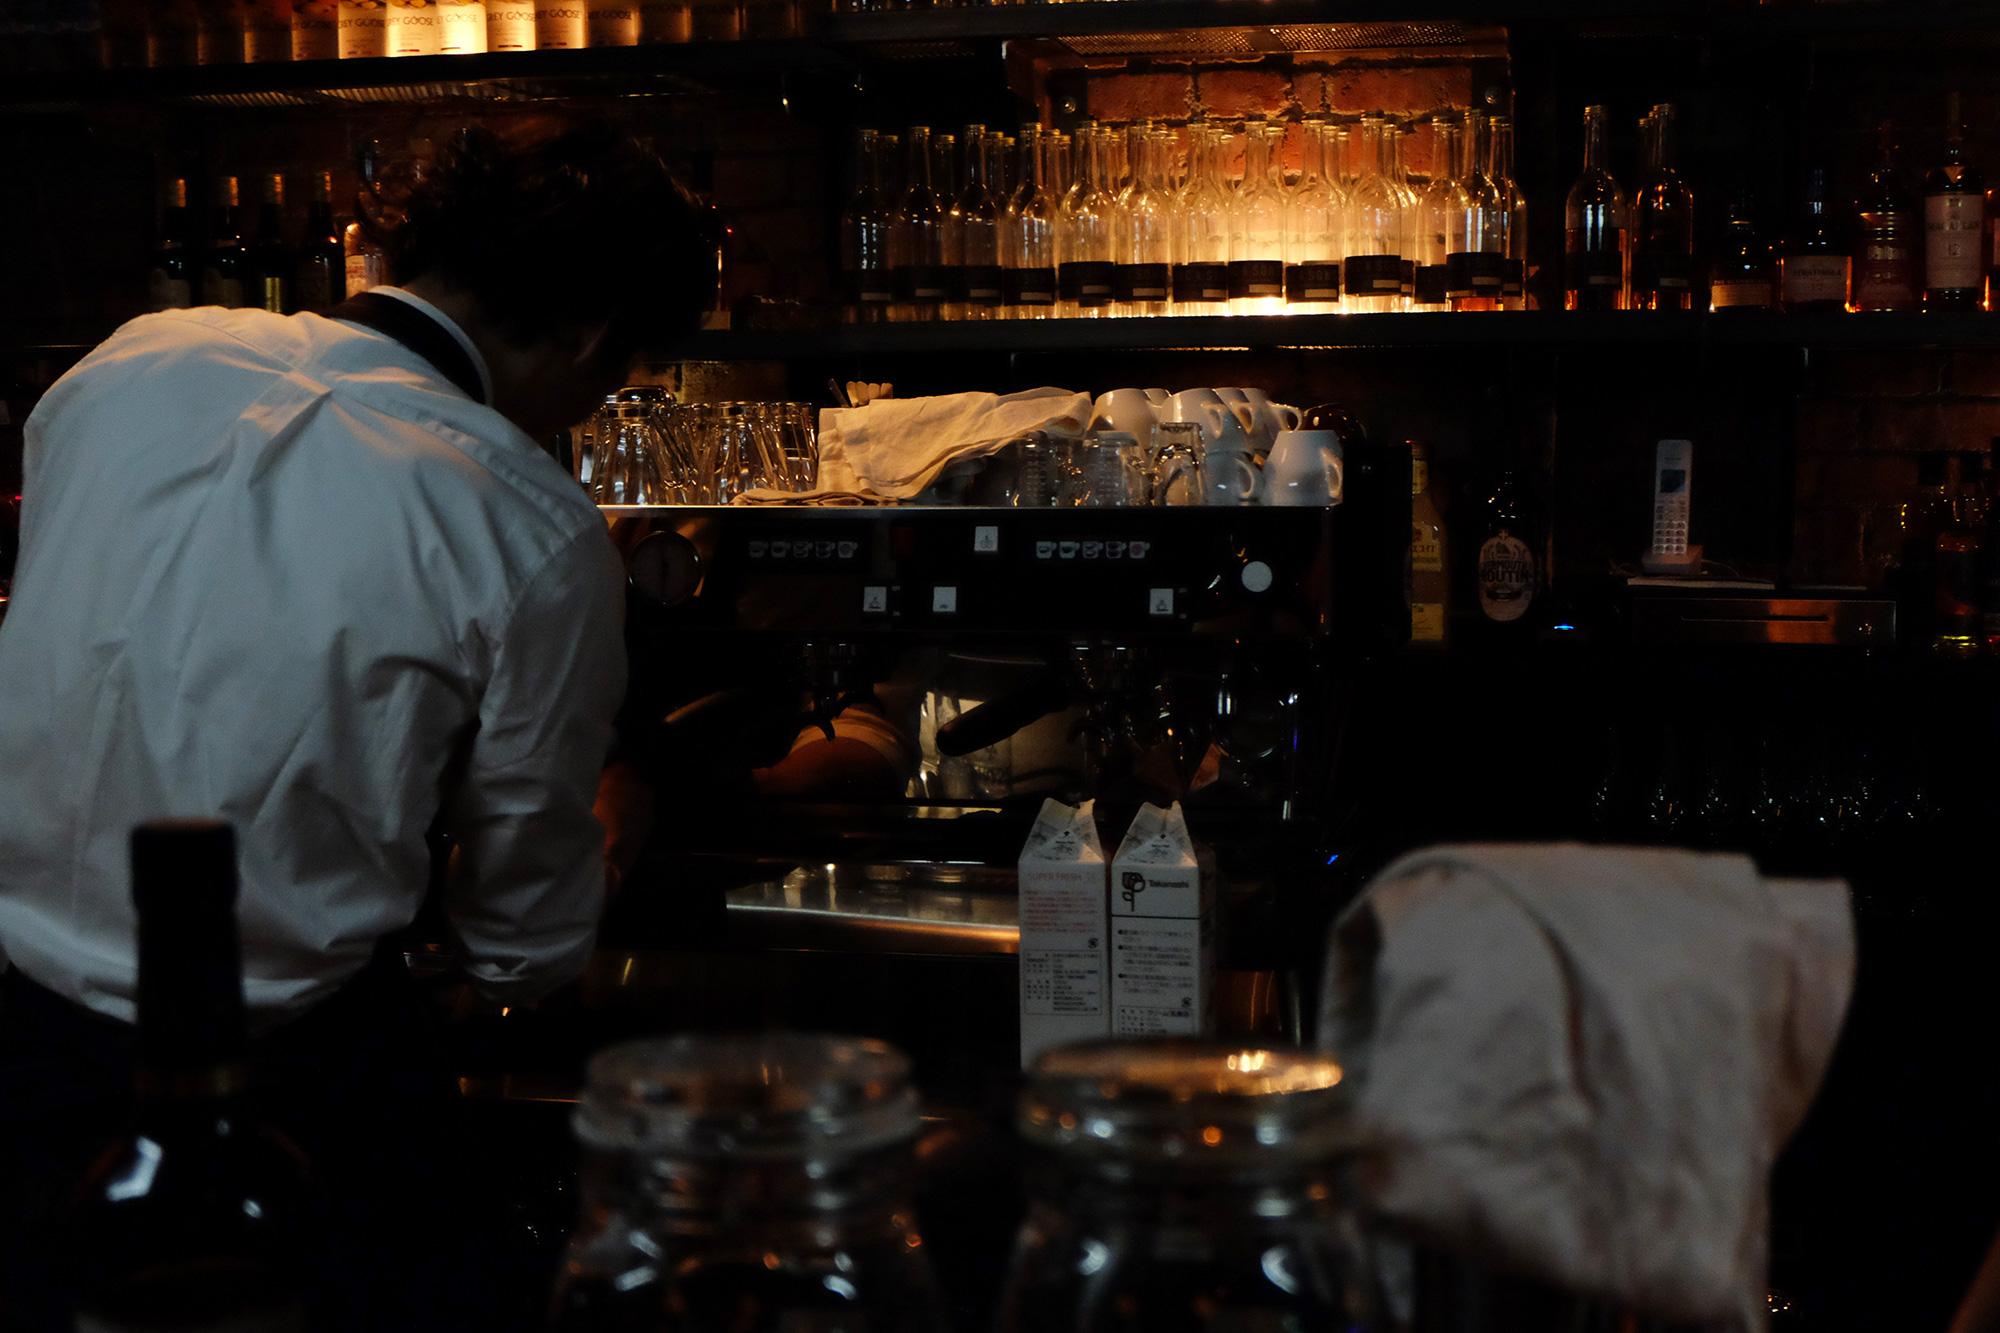 美味しいコーヒーを求めて。わざわざ行きたい大阪・北浜のカフェ・コーヒースタンド INC&SONS インク&サンズ